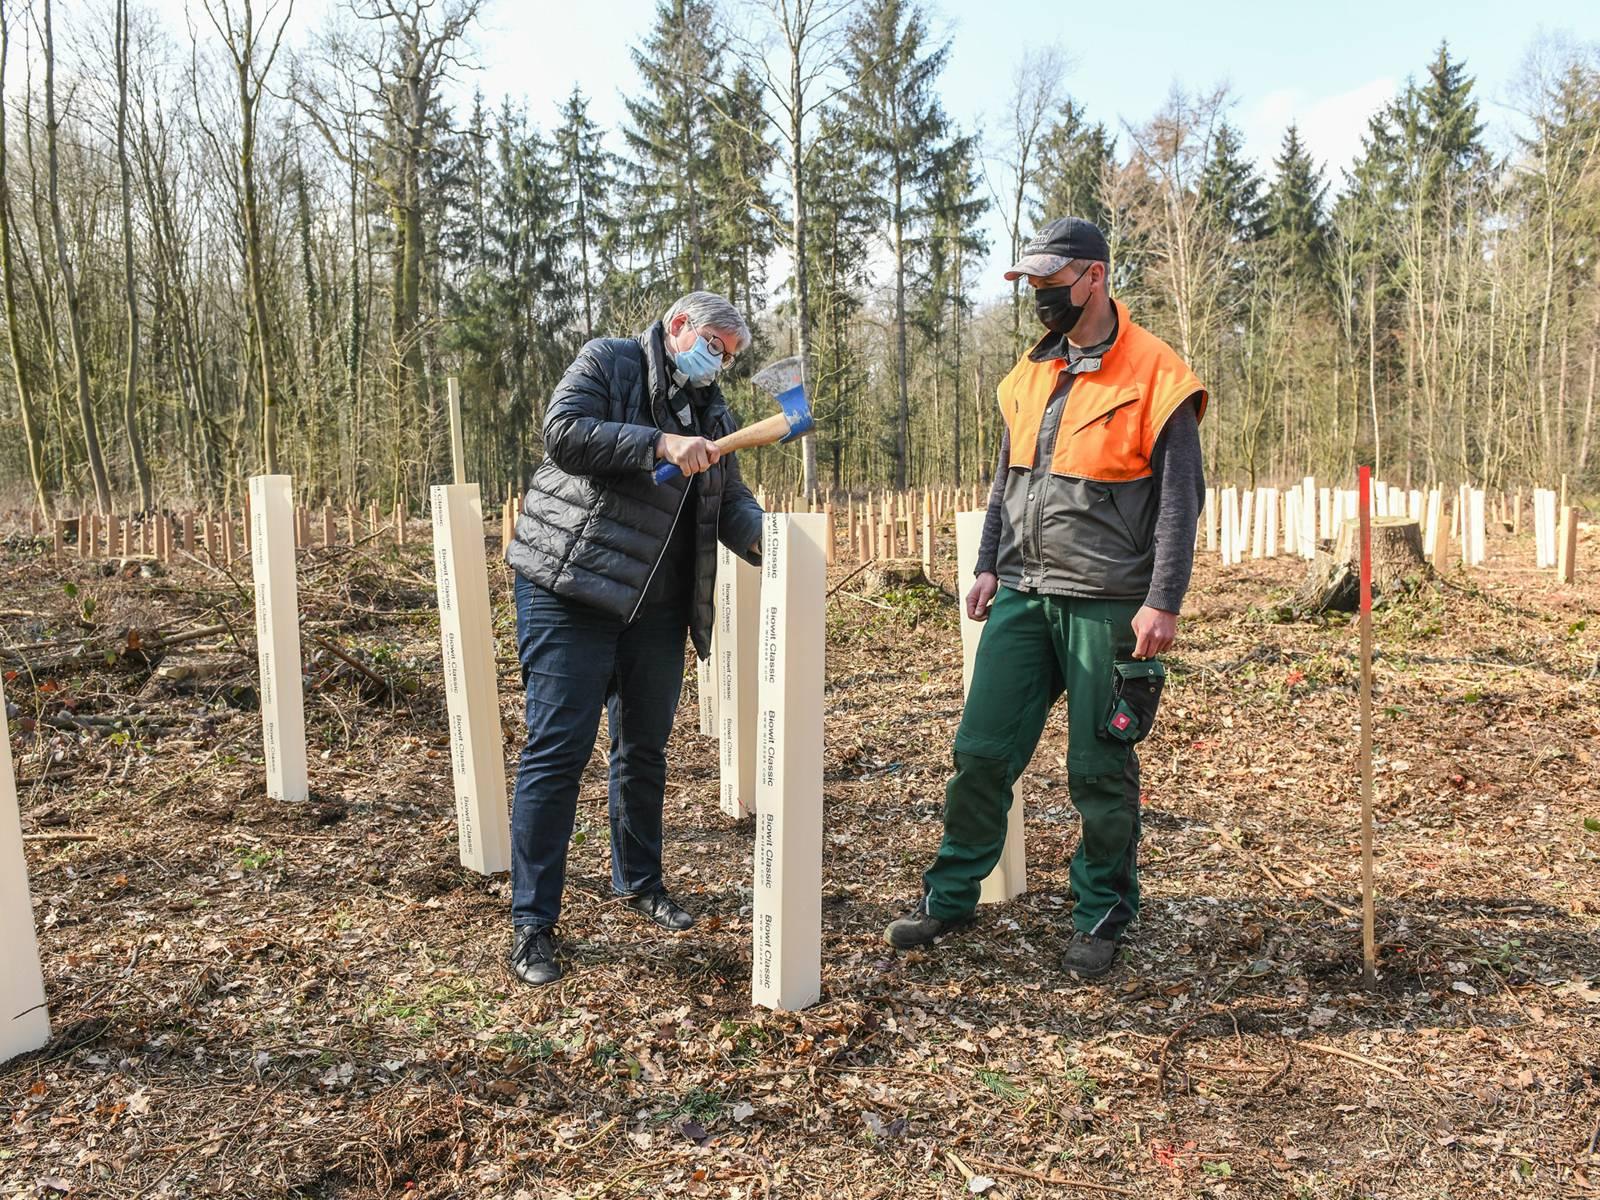 Eine Frau und ein Mann pflanzen Bäume